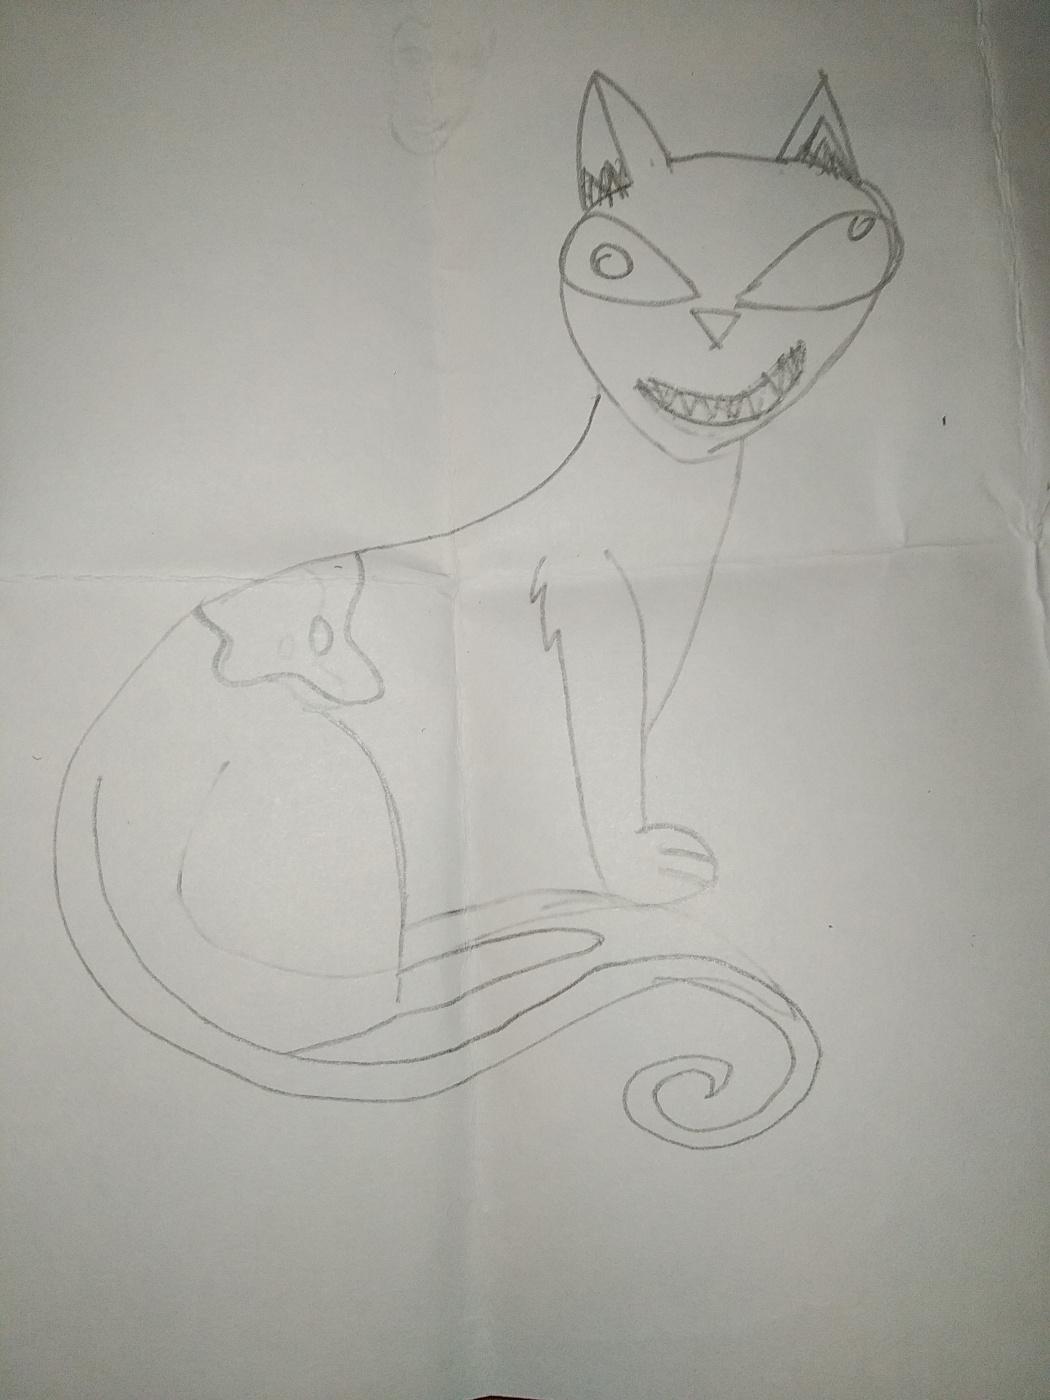 Zina Vladimirovna Parisva. Cat (from the cartoon)